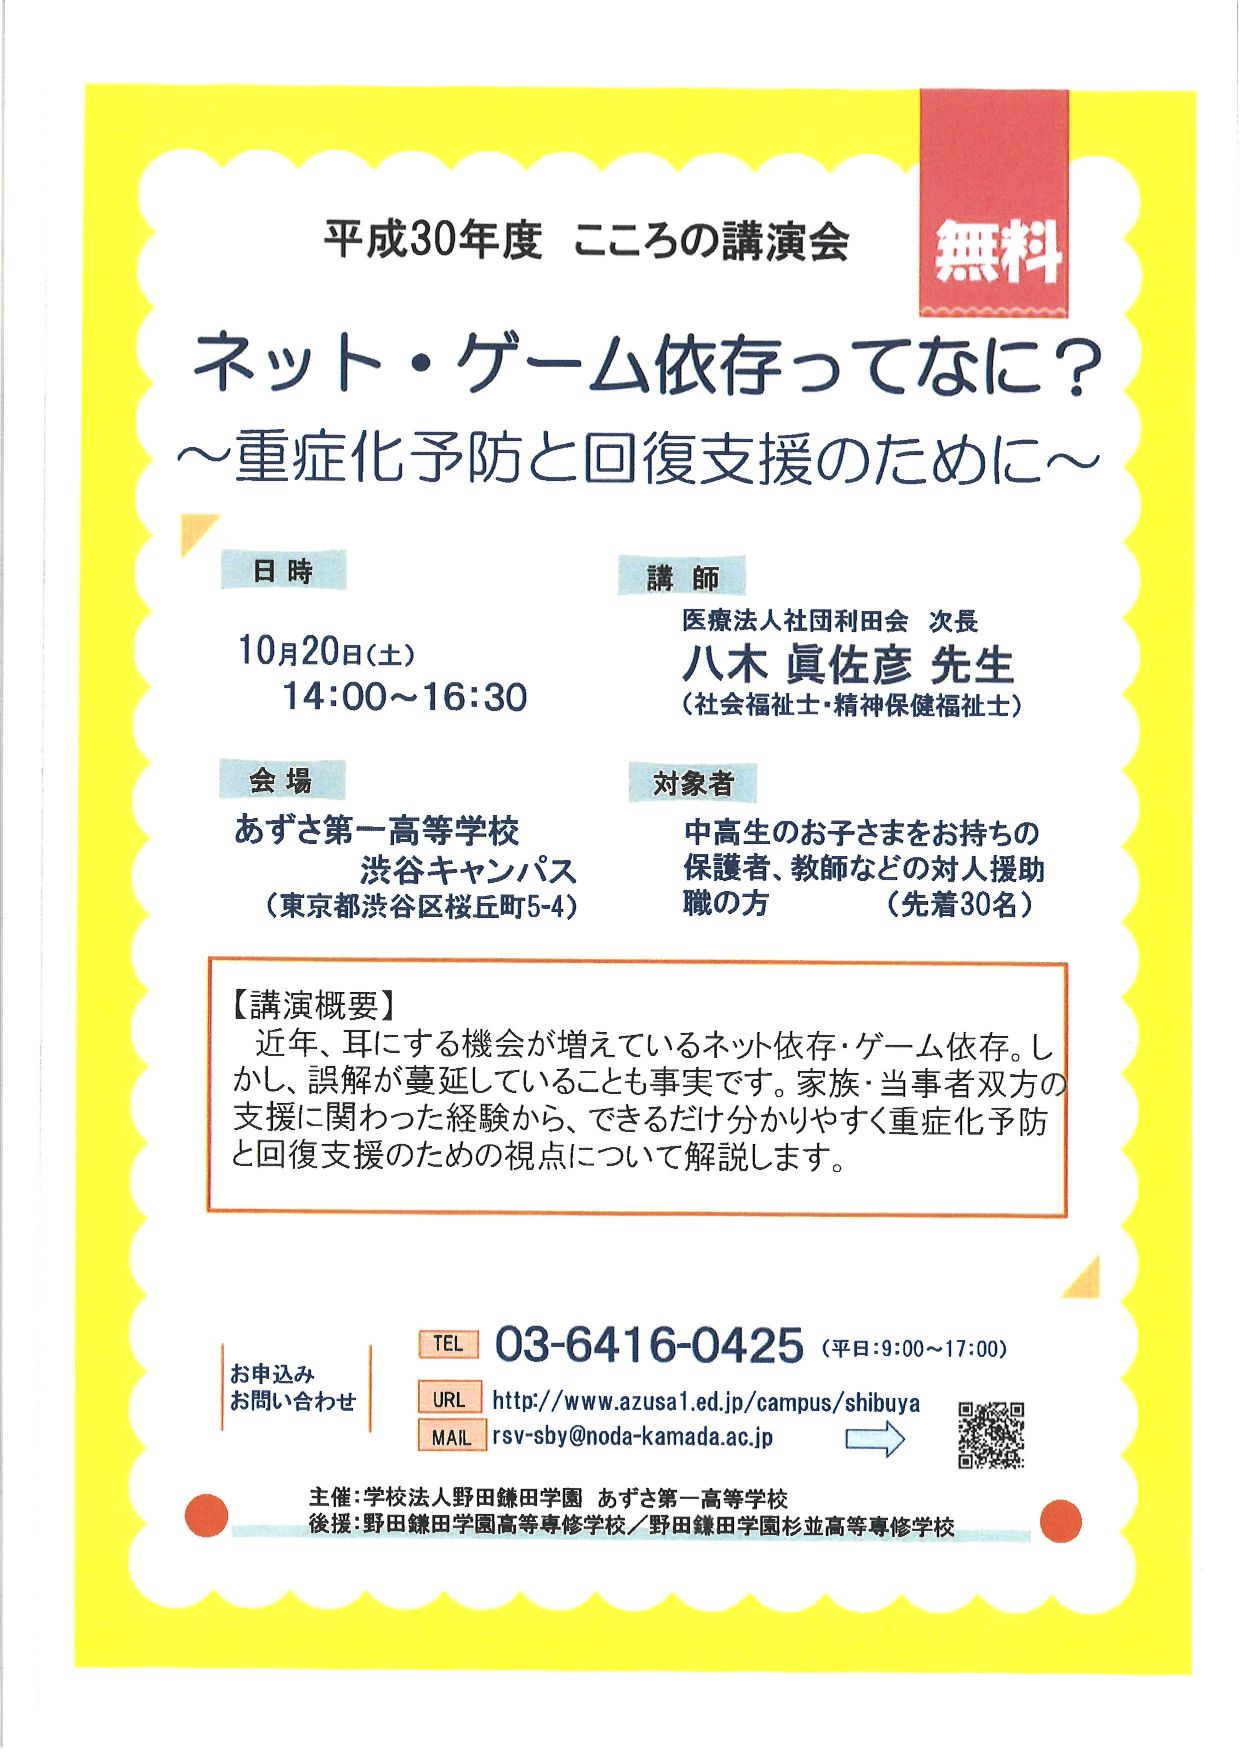 渋谷キャンパス 「こころの講演会」image1